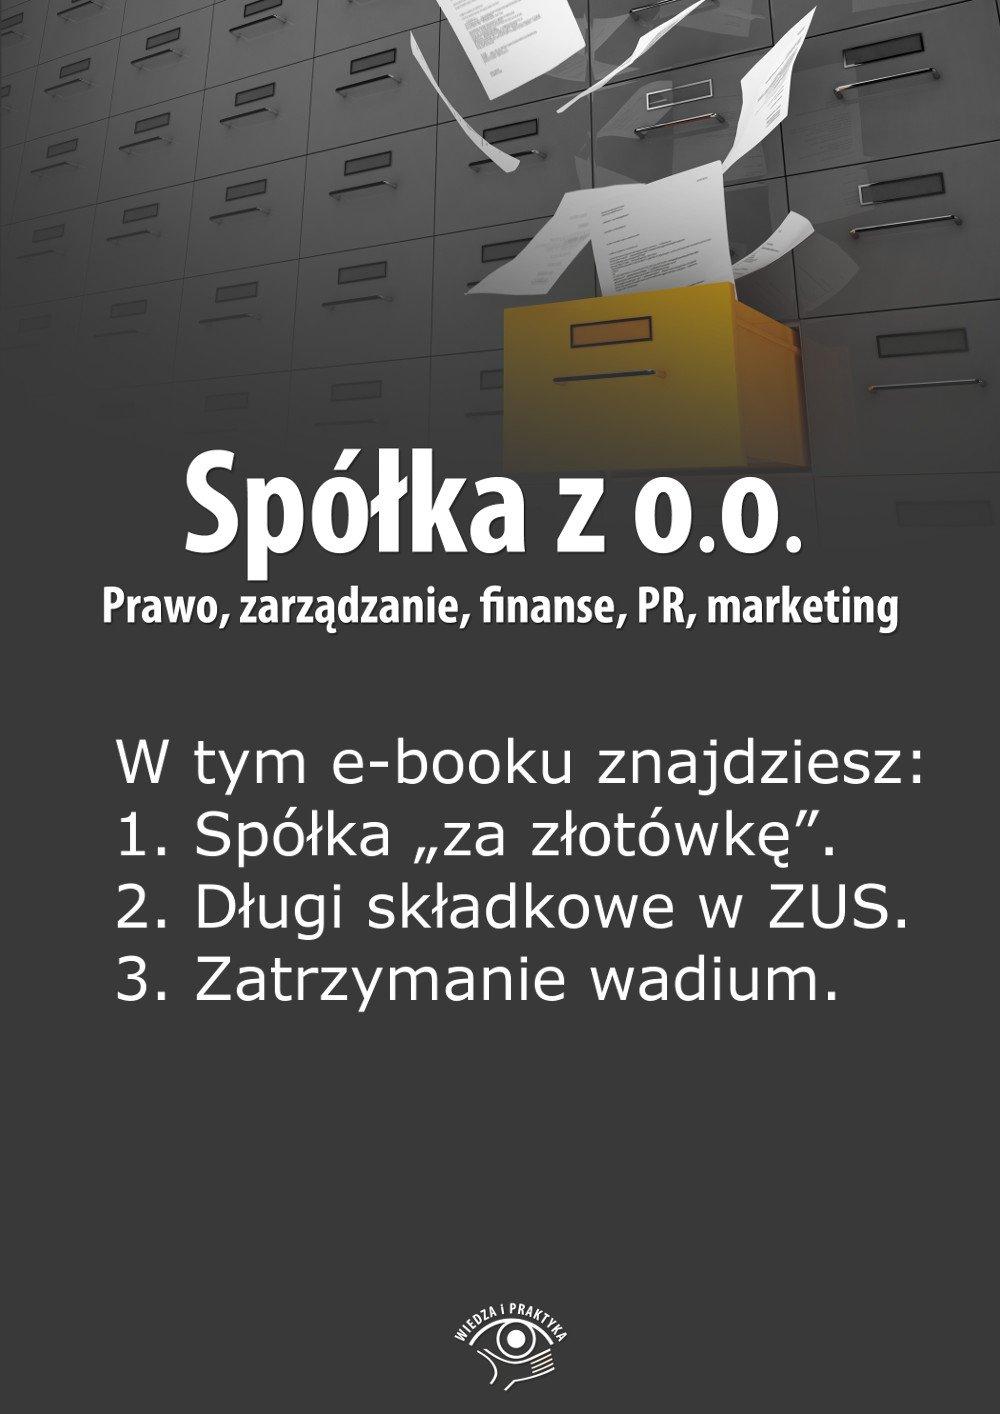 Spółka z o.o. Prawo, zarządzanie, finanse, PR, marketing. Wydanie lipiec 2014 r. - Ebook (Książka EPUB) do pobrania w formacie EPUB